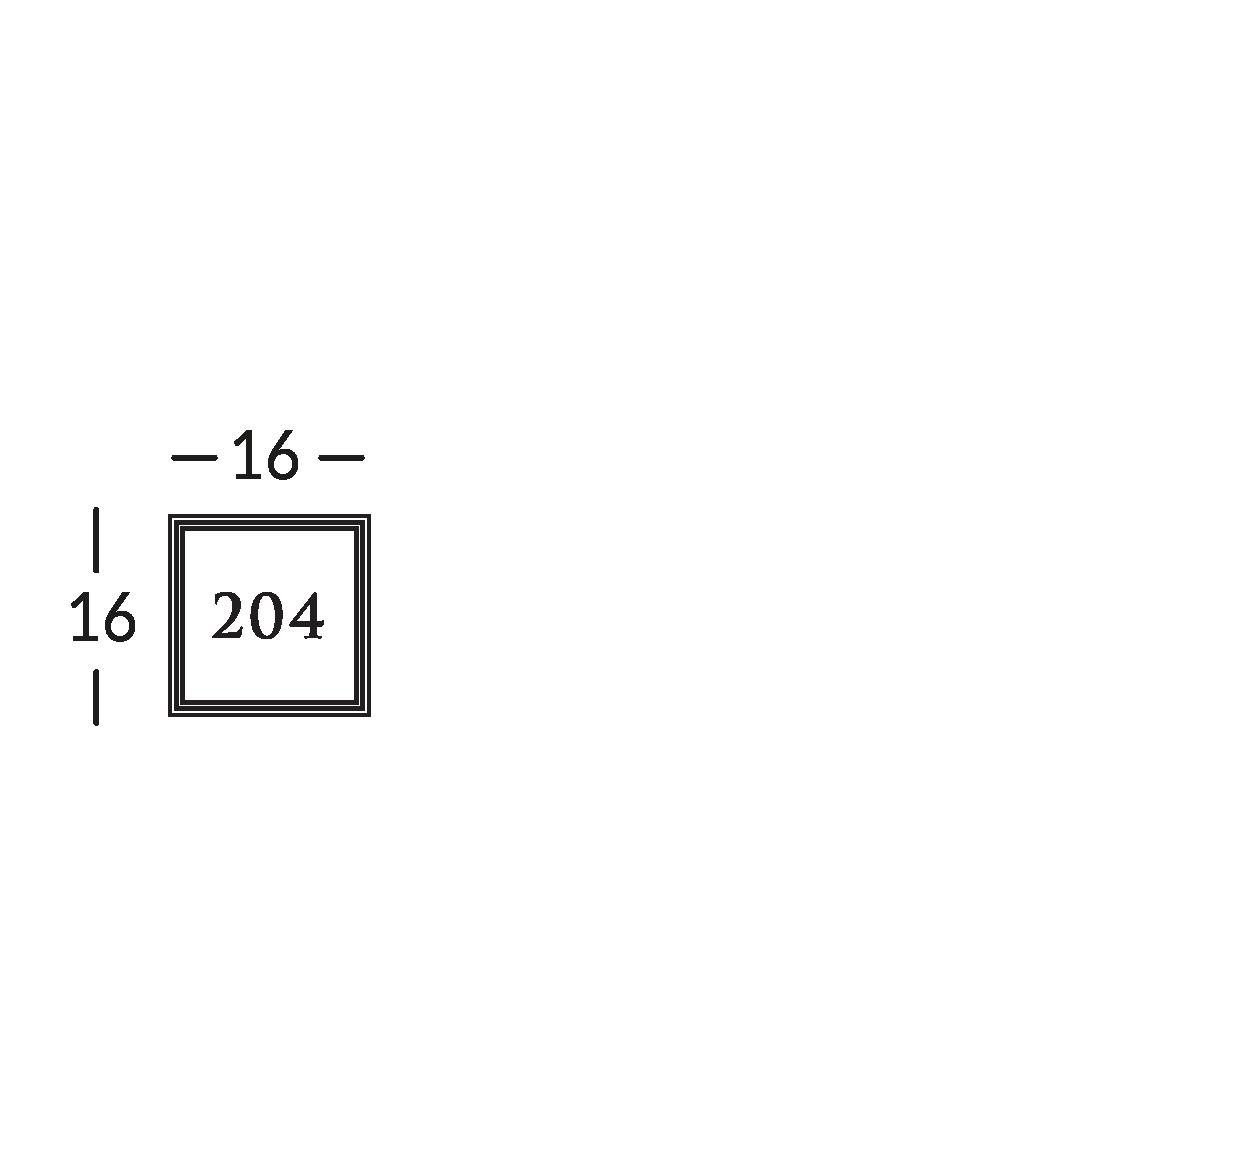 Linea di segnaletica in ottone brunito con incisione in bassorilievo, su supporto in cristallo.